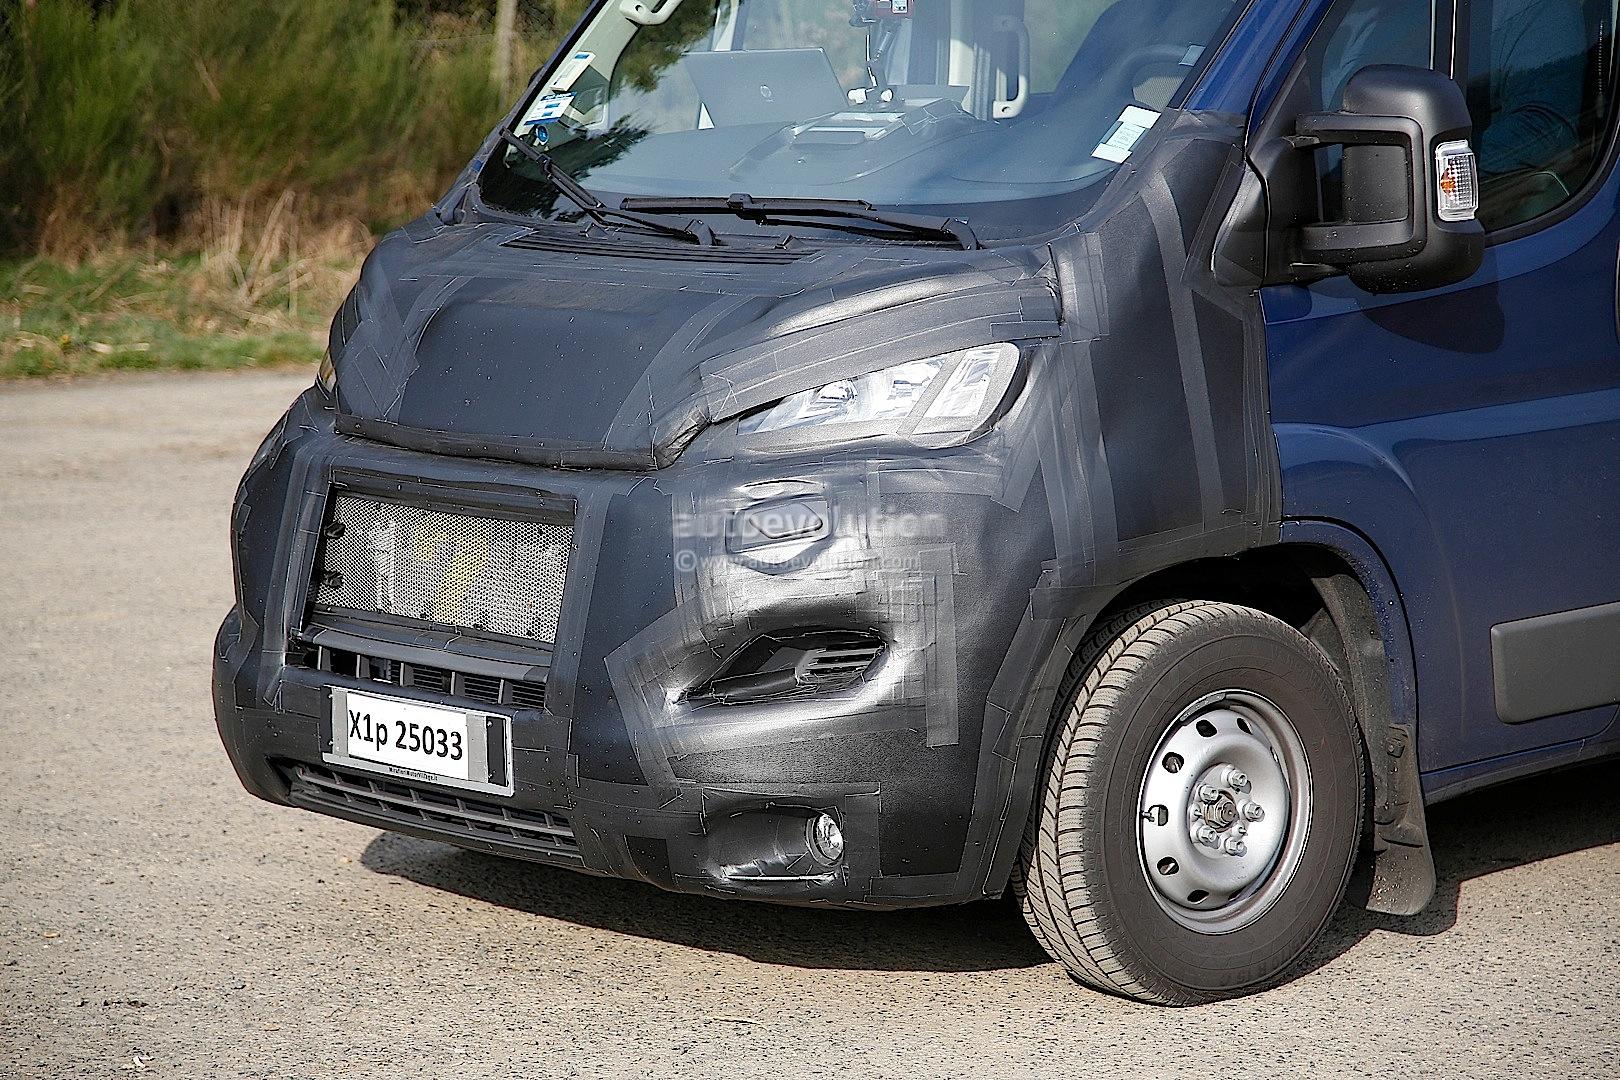 2014 - [Citroën/Peugeot/Fiat] Jumper/Boxer/Ducato - Page 3 Spyshots-fiat-ducato-ram-promaster-facelift_6